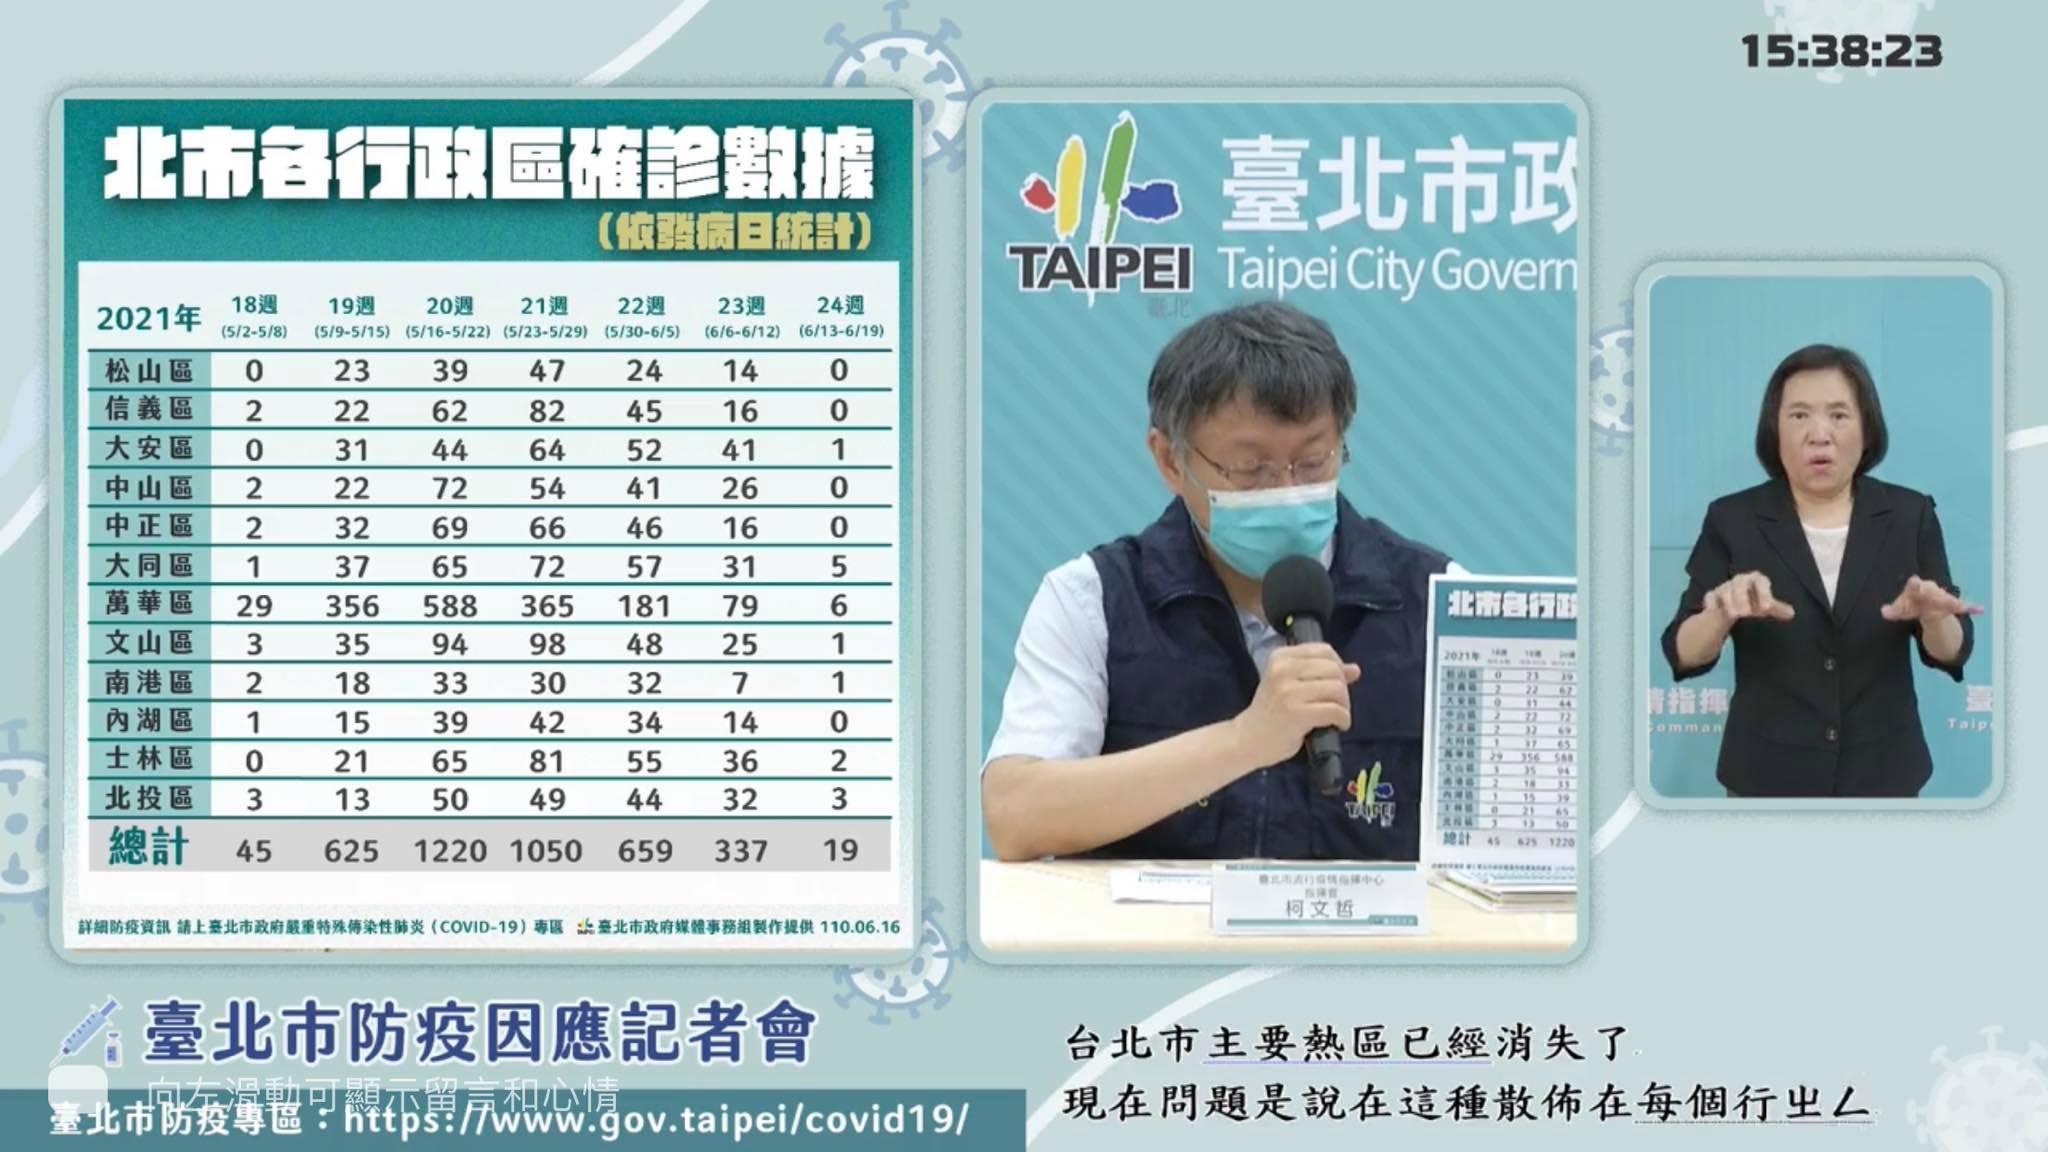 [問卦] 台北市本週確診數